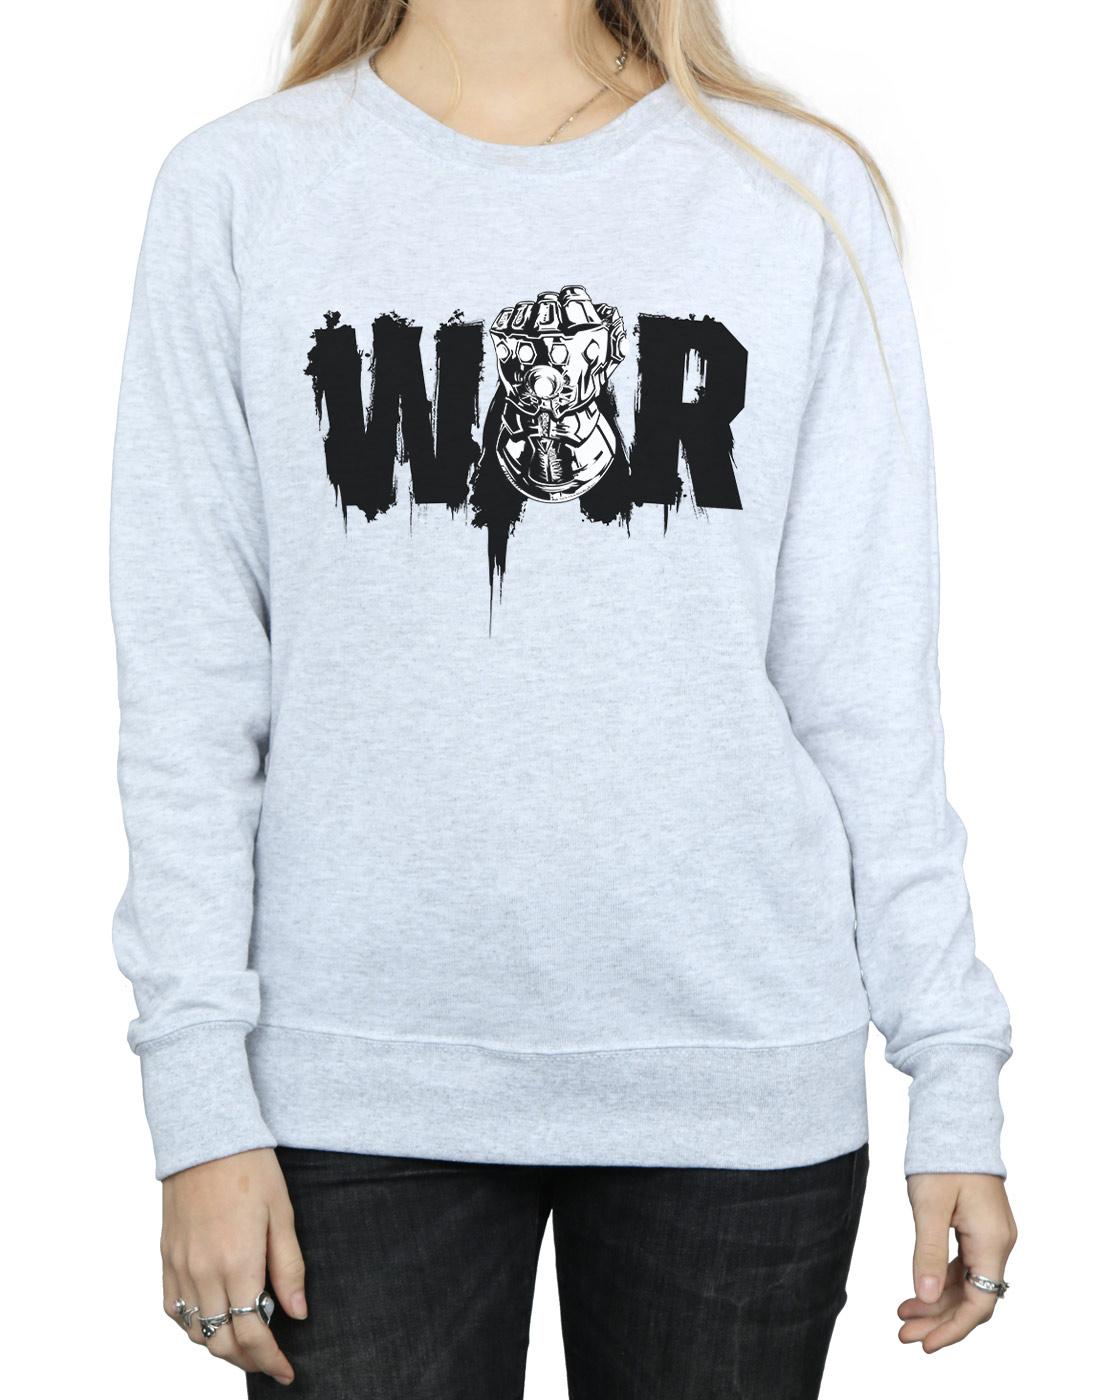 Avengers Damen Damen Damen Infinity War Fist Sweatshirt | Die erste Reihe von umfassenden Spezifikationen für Kunden  | Stil  | Online-Shop  27fca5